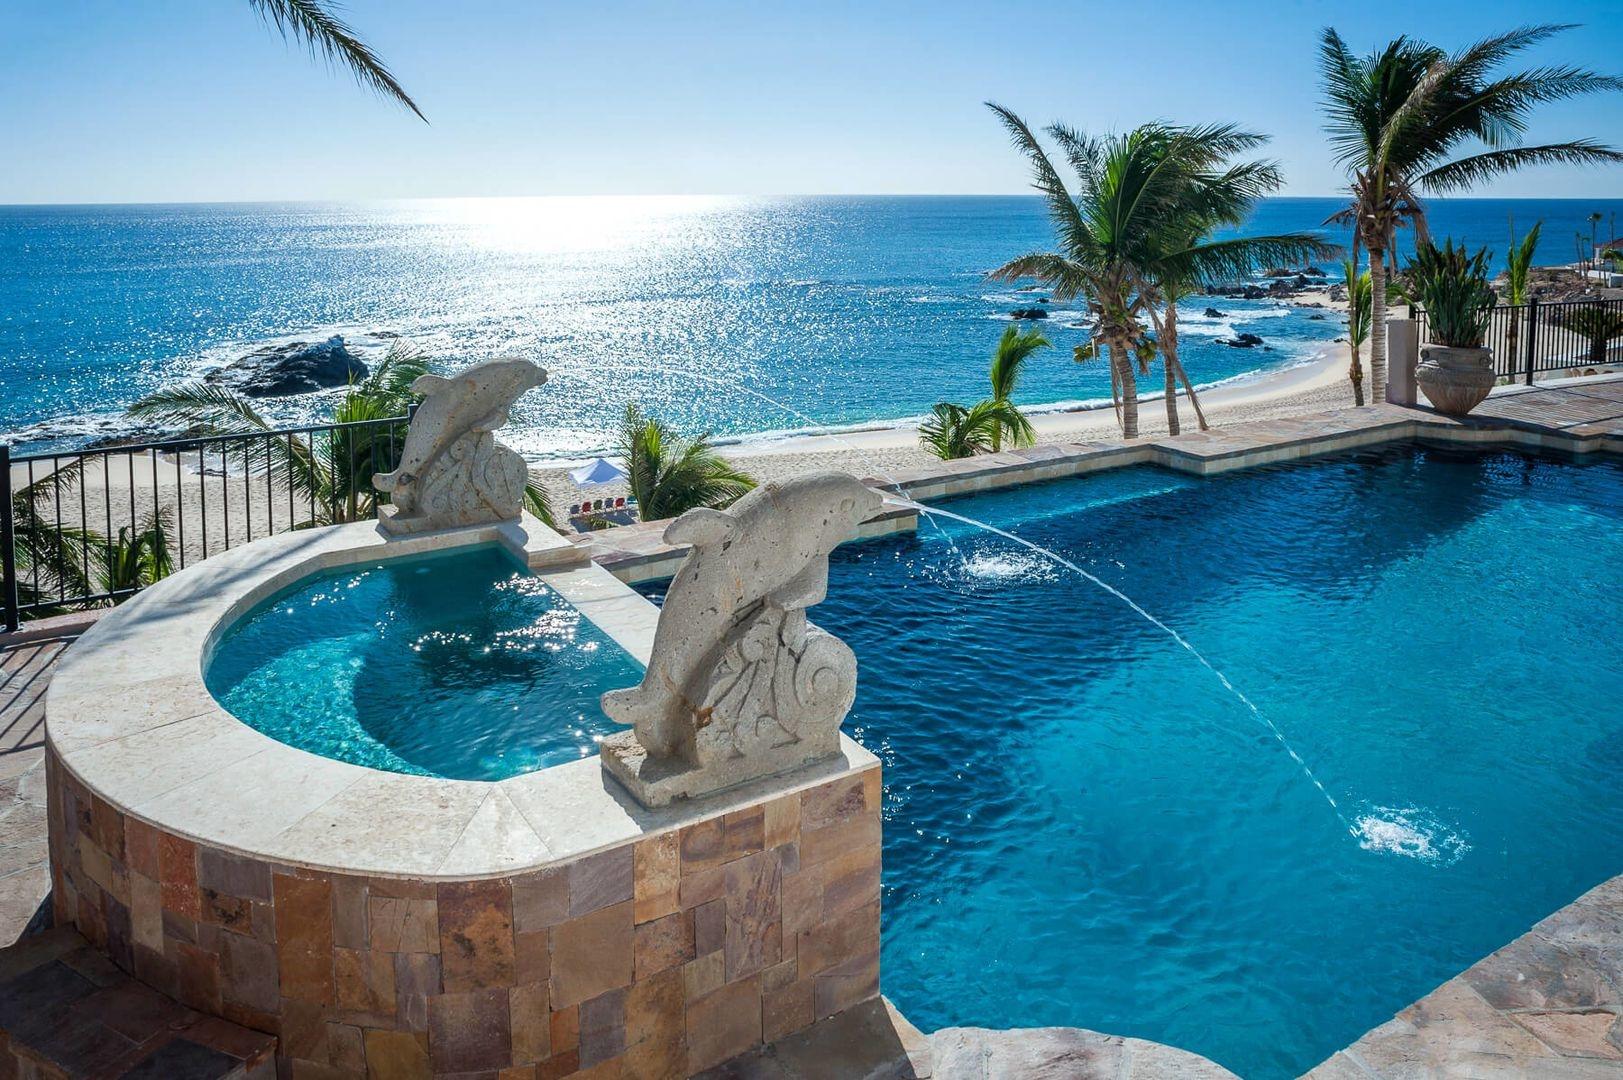 Luxury vacation rentals mexico - Los cabos - Los cabos corridor - Palmilla - Villa Paraiso - Image 1/29